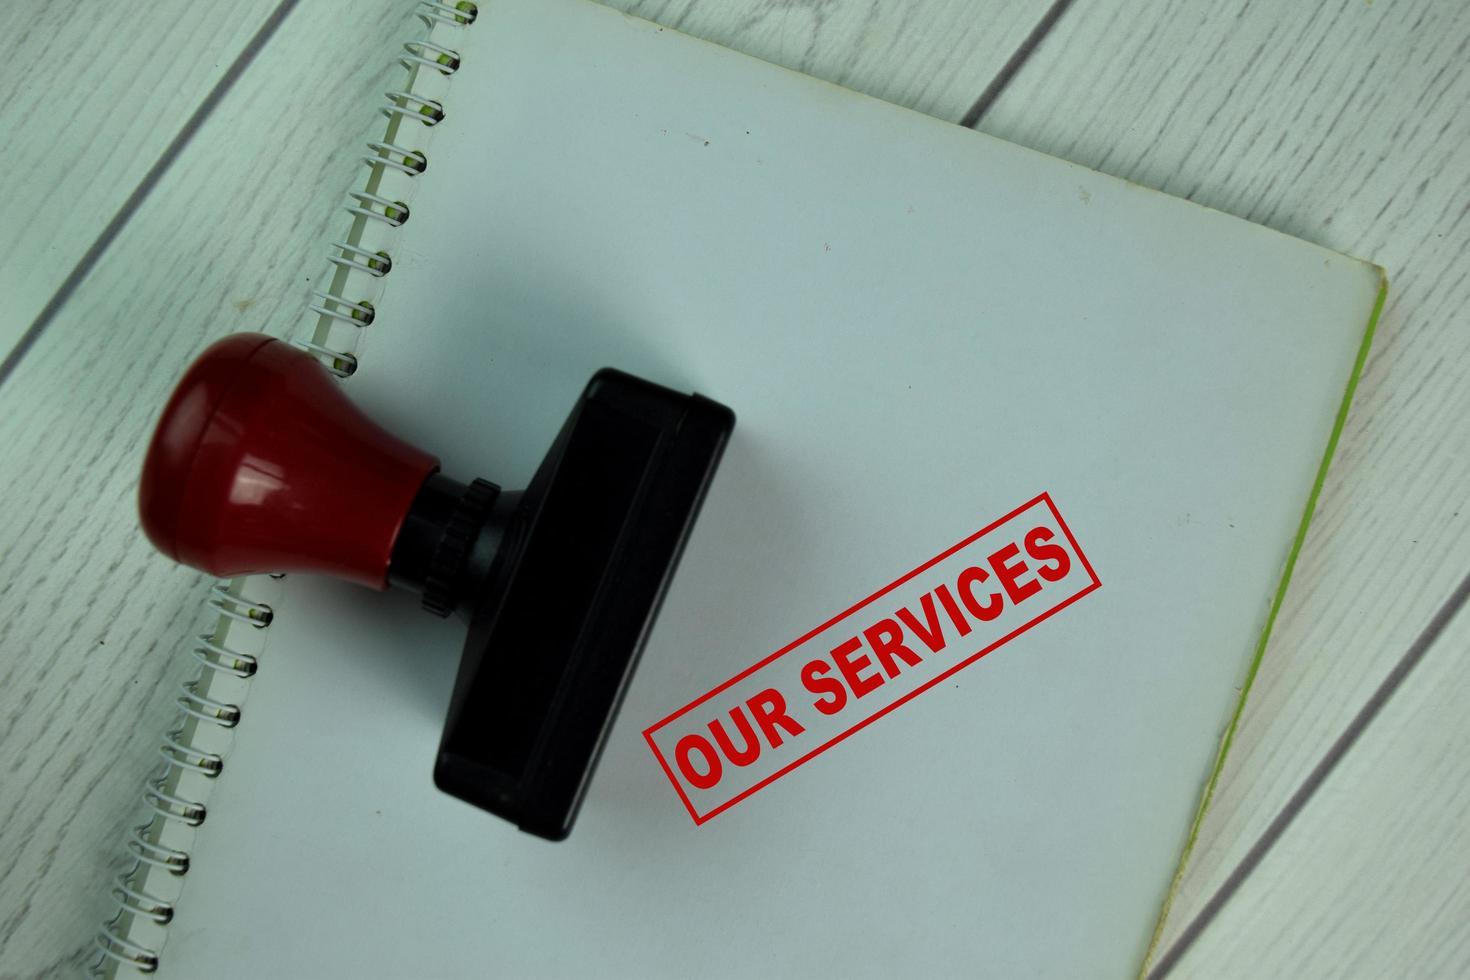 rött handtag gummi stamper och våra tjänster text isolerad på bordet foto